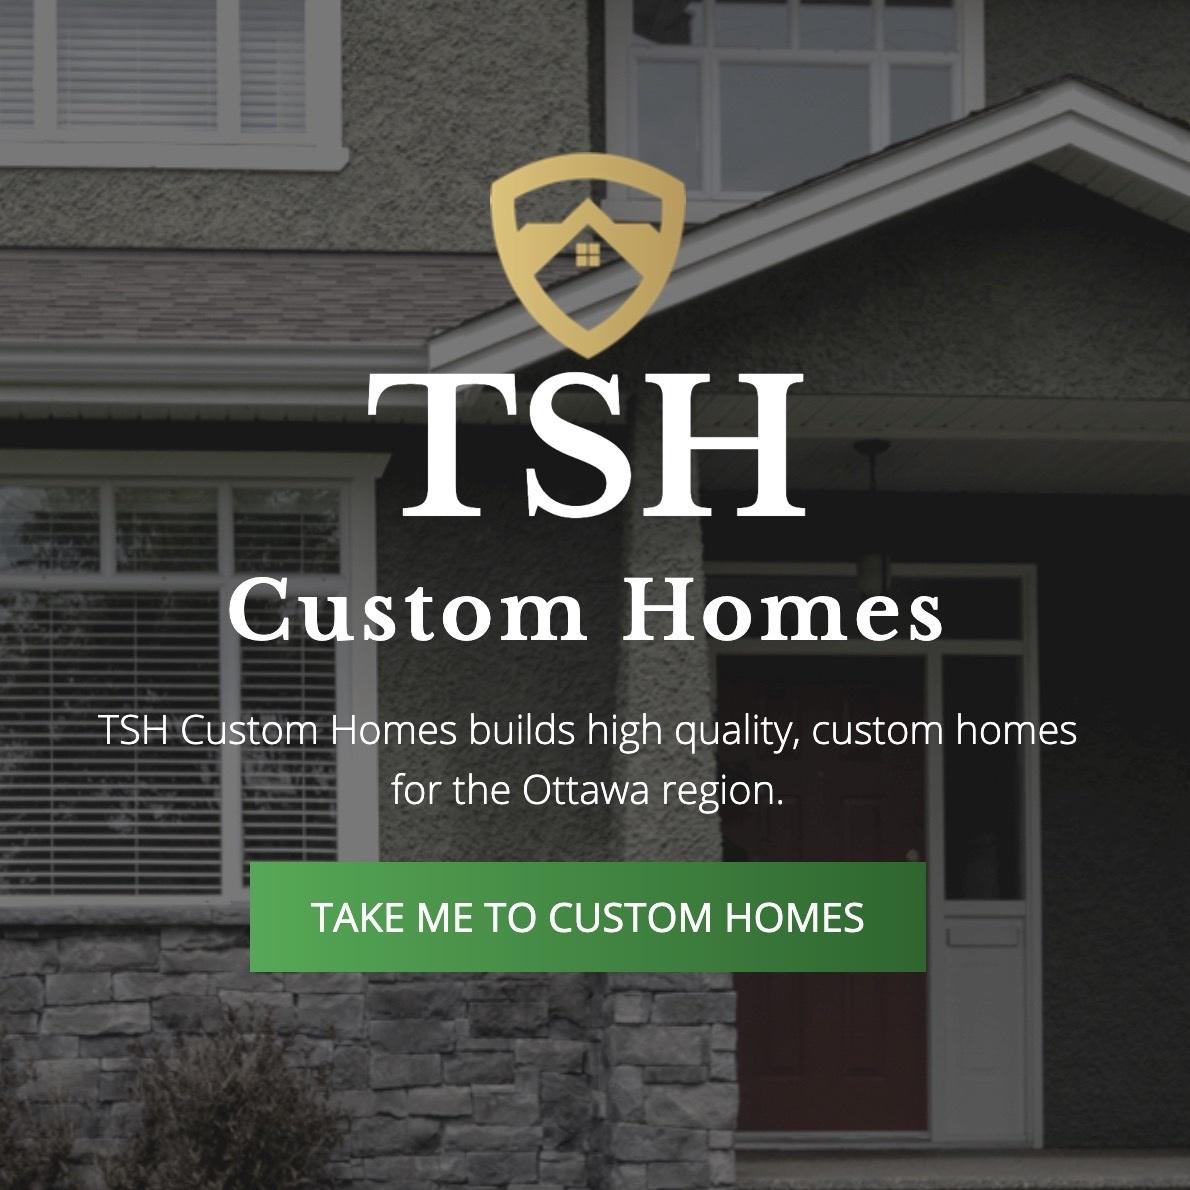 TSH Custom Homes